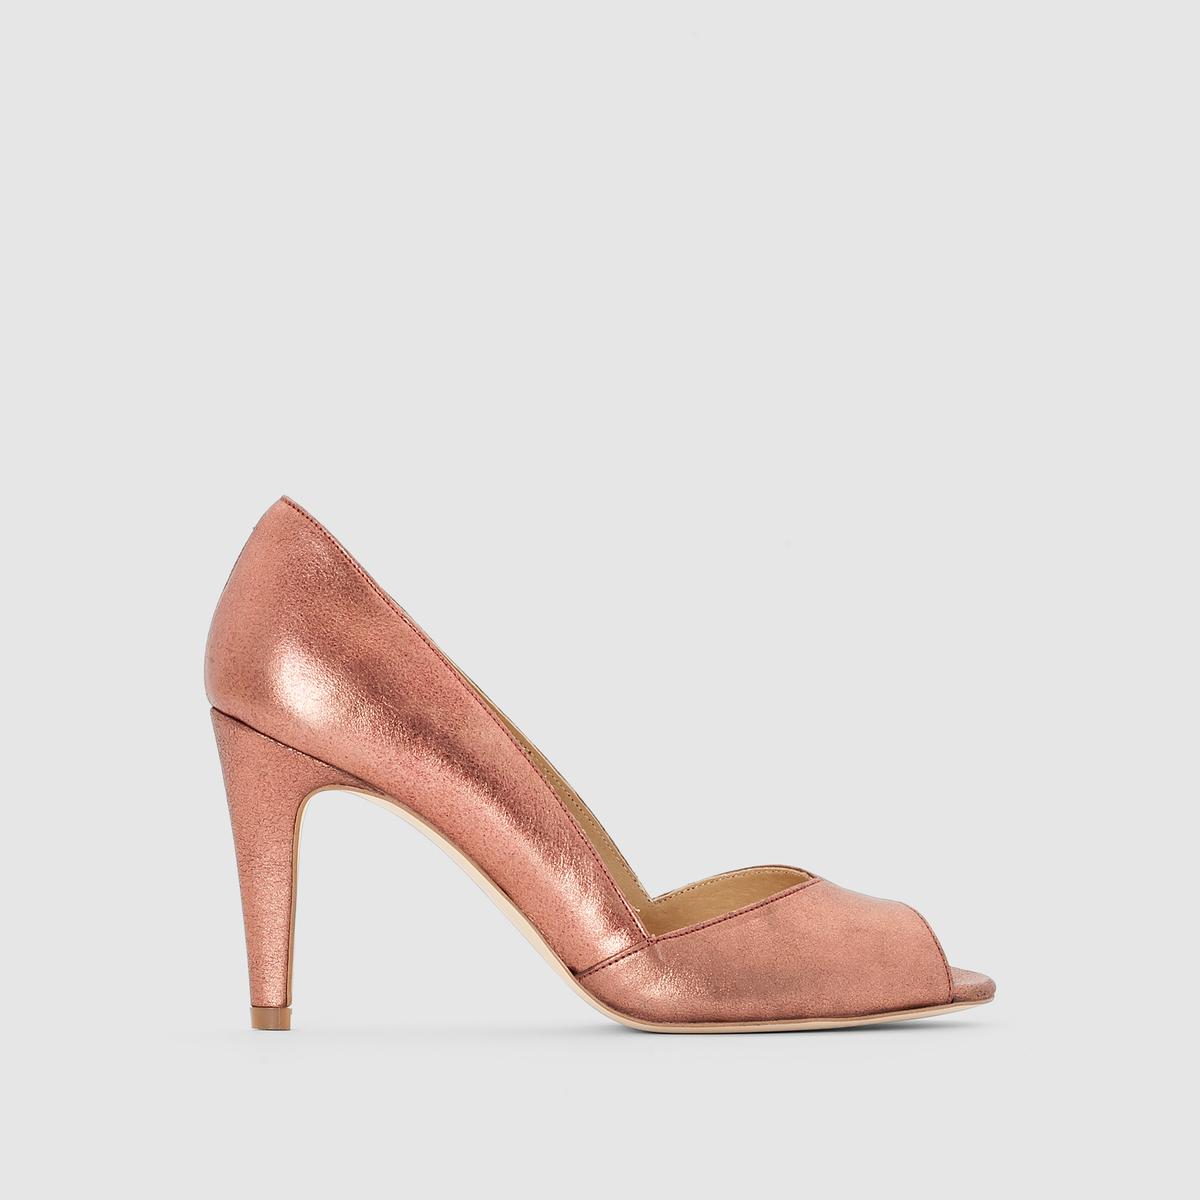 Туфли на каблукеПреимущества  : туфли JONAK пленяют аутентичным внешним видом ламинированной кожи, формой с тонким каблуком и непреодолимым духом нео-ретро.<br><br>Цвет: розовый